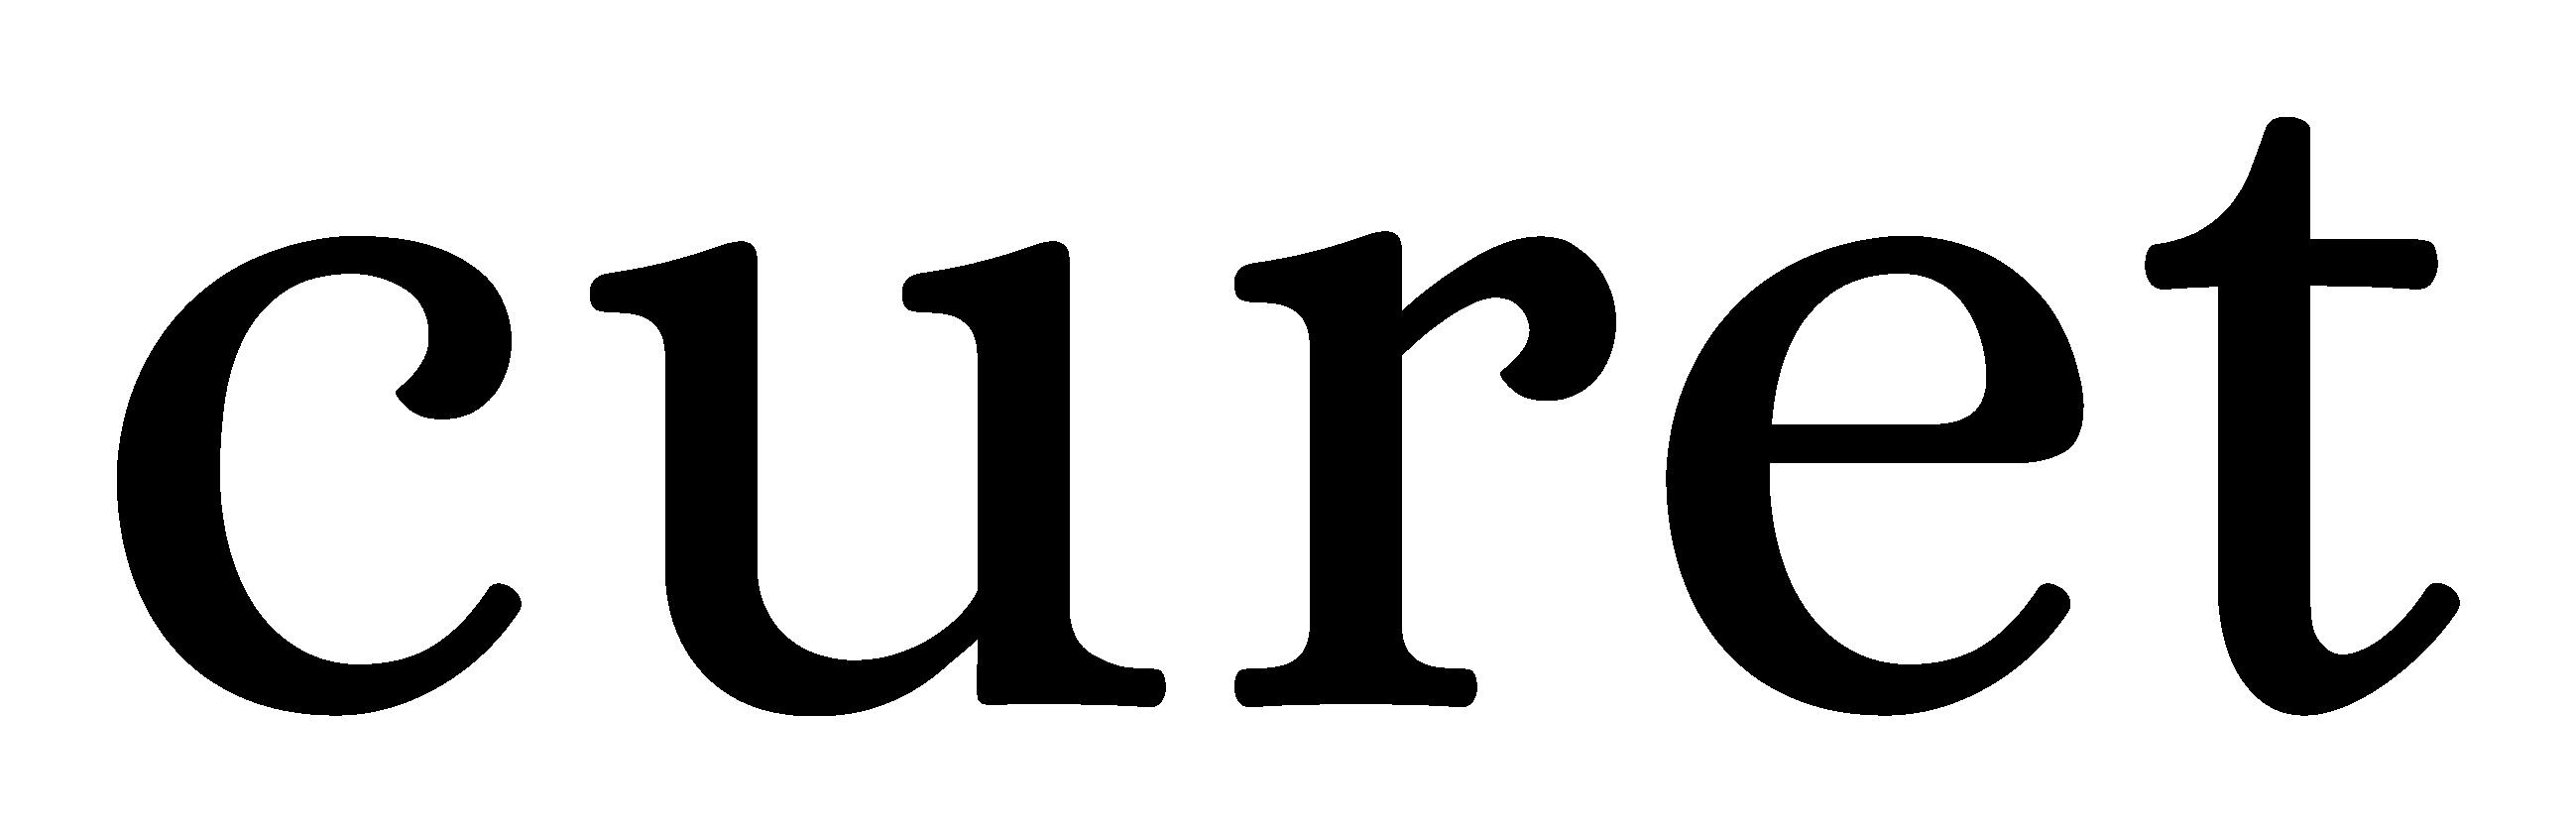 curetロゴ